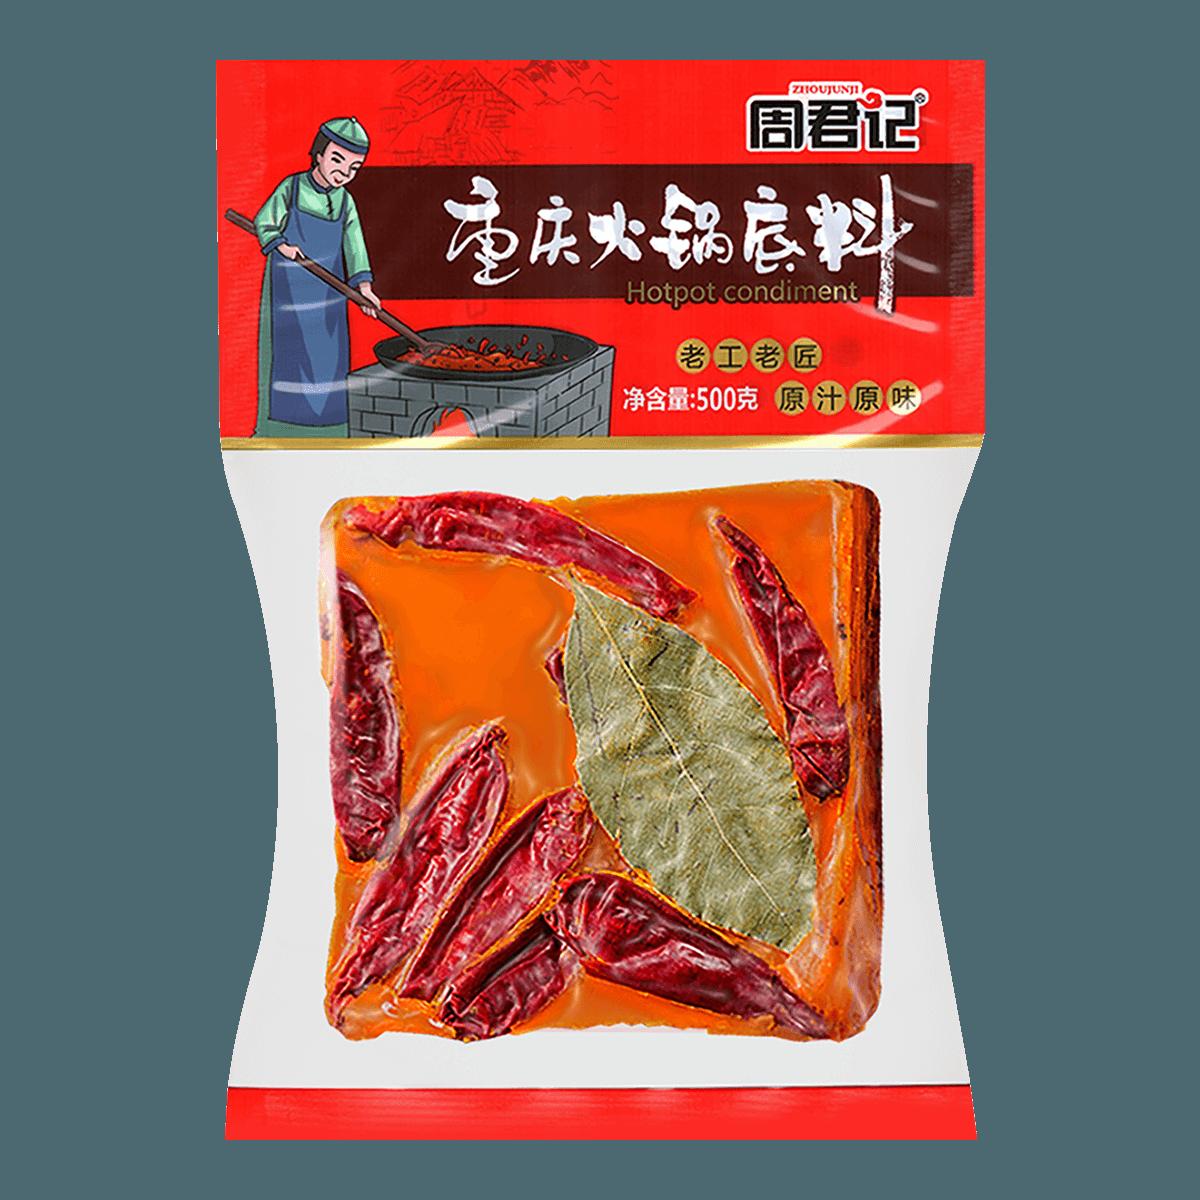 重庆周君记 火锅底料 500g